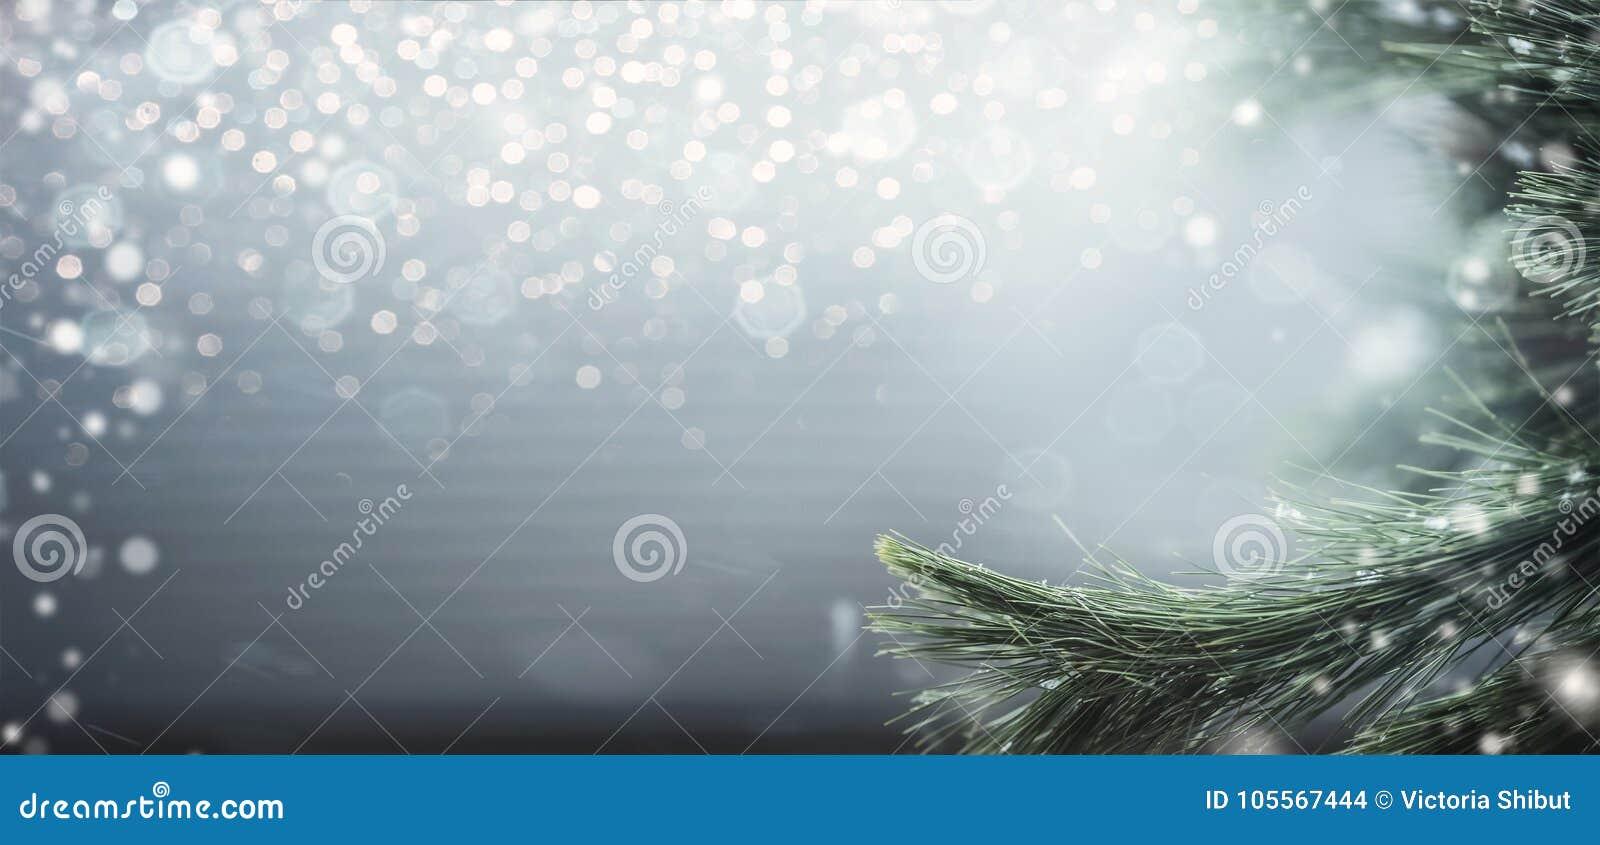 Prachtige de winterachtergrond met spartakken, sneeuw en bokeh verlichting De wintervakantie en Kerstmis